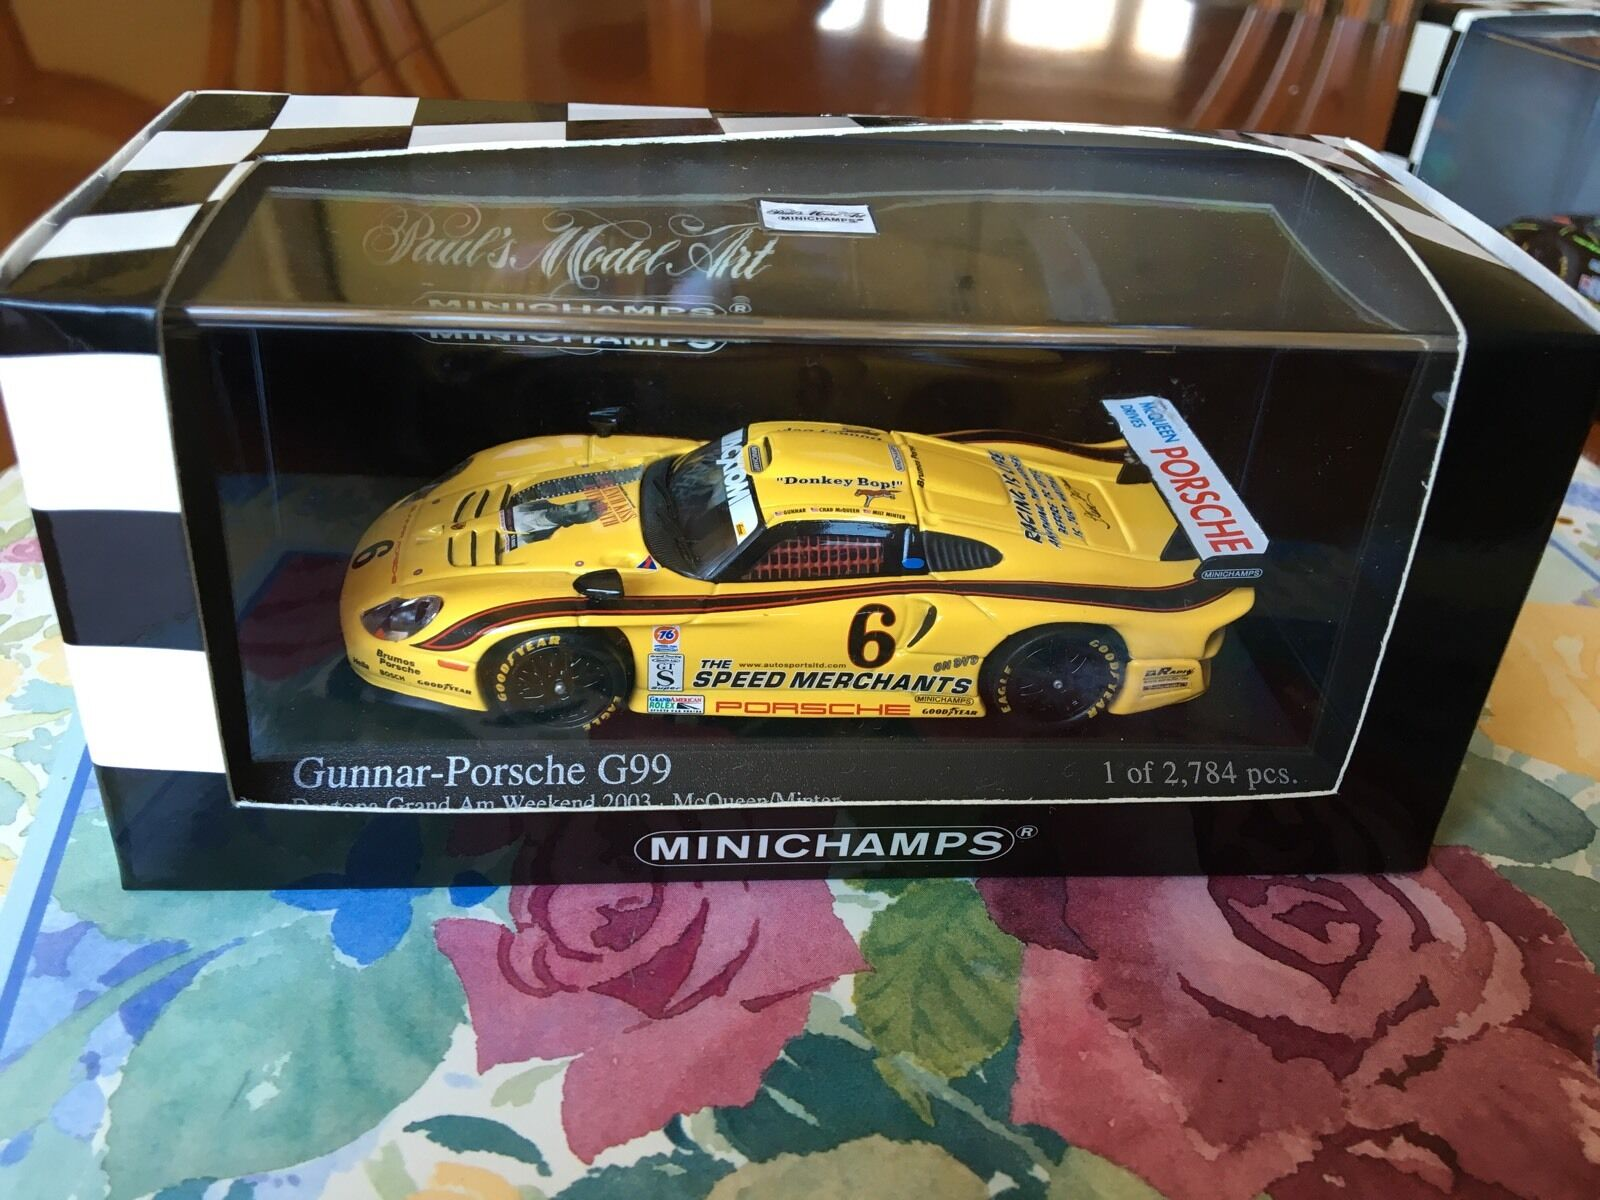 Minichamps Gunner-Porsche G99. Daytona Grand Am 2003. In 1 43 scale Diecast